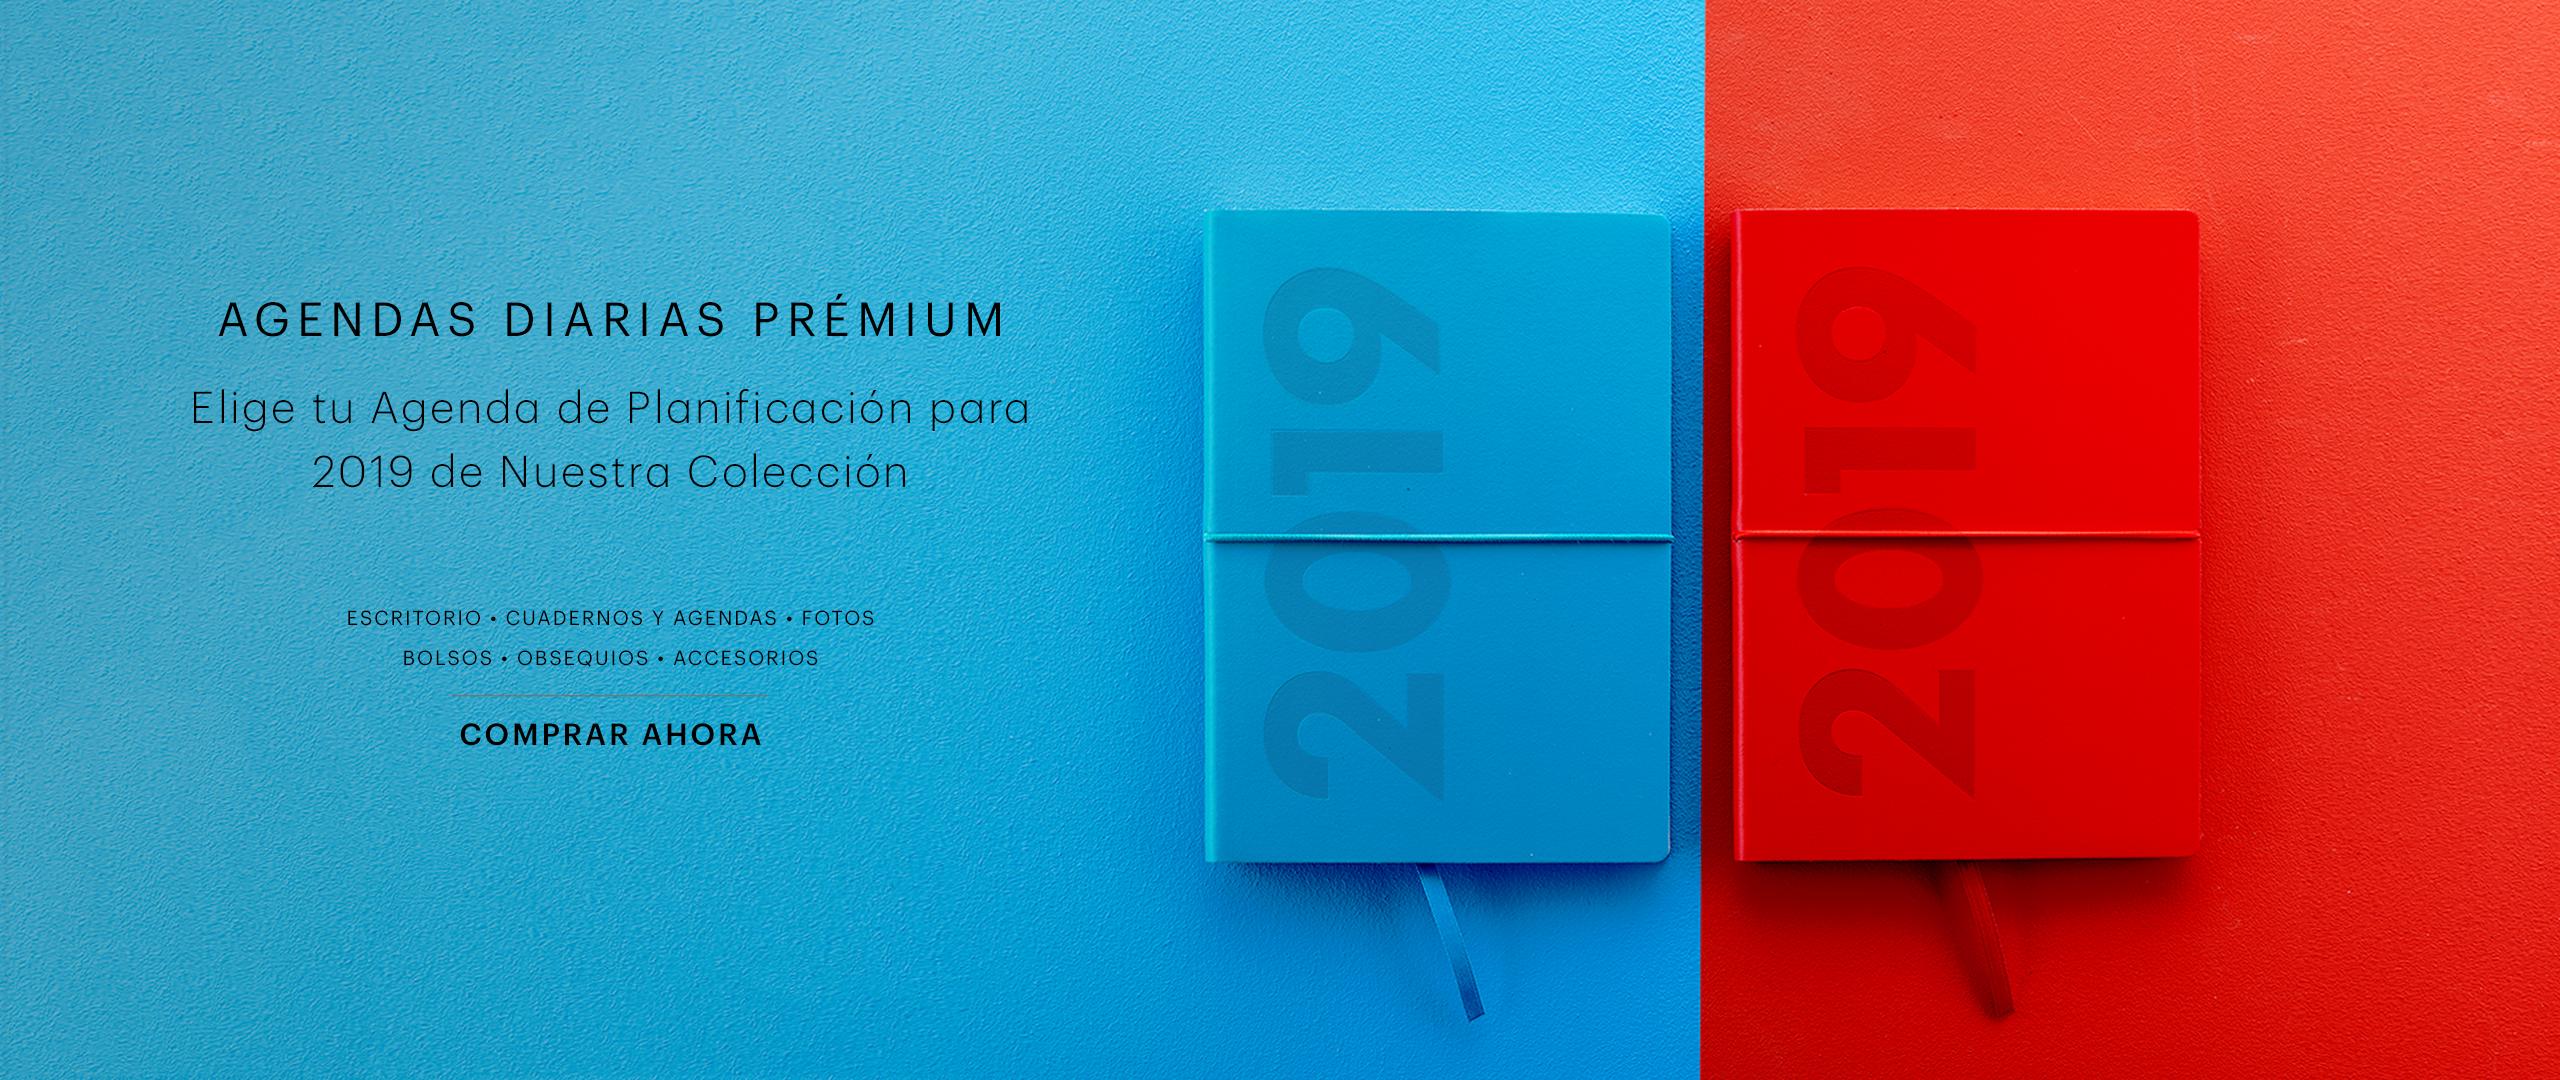 [OR] - BEU [ES] - Premium